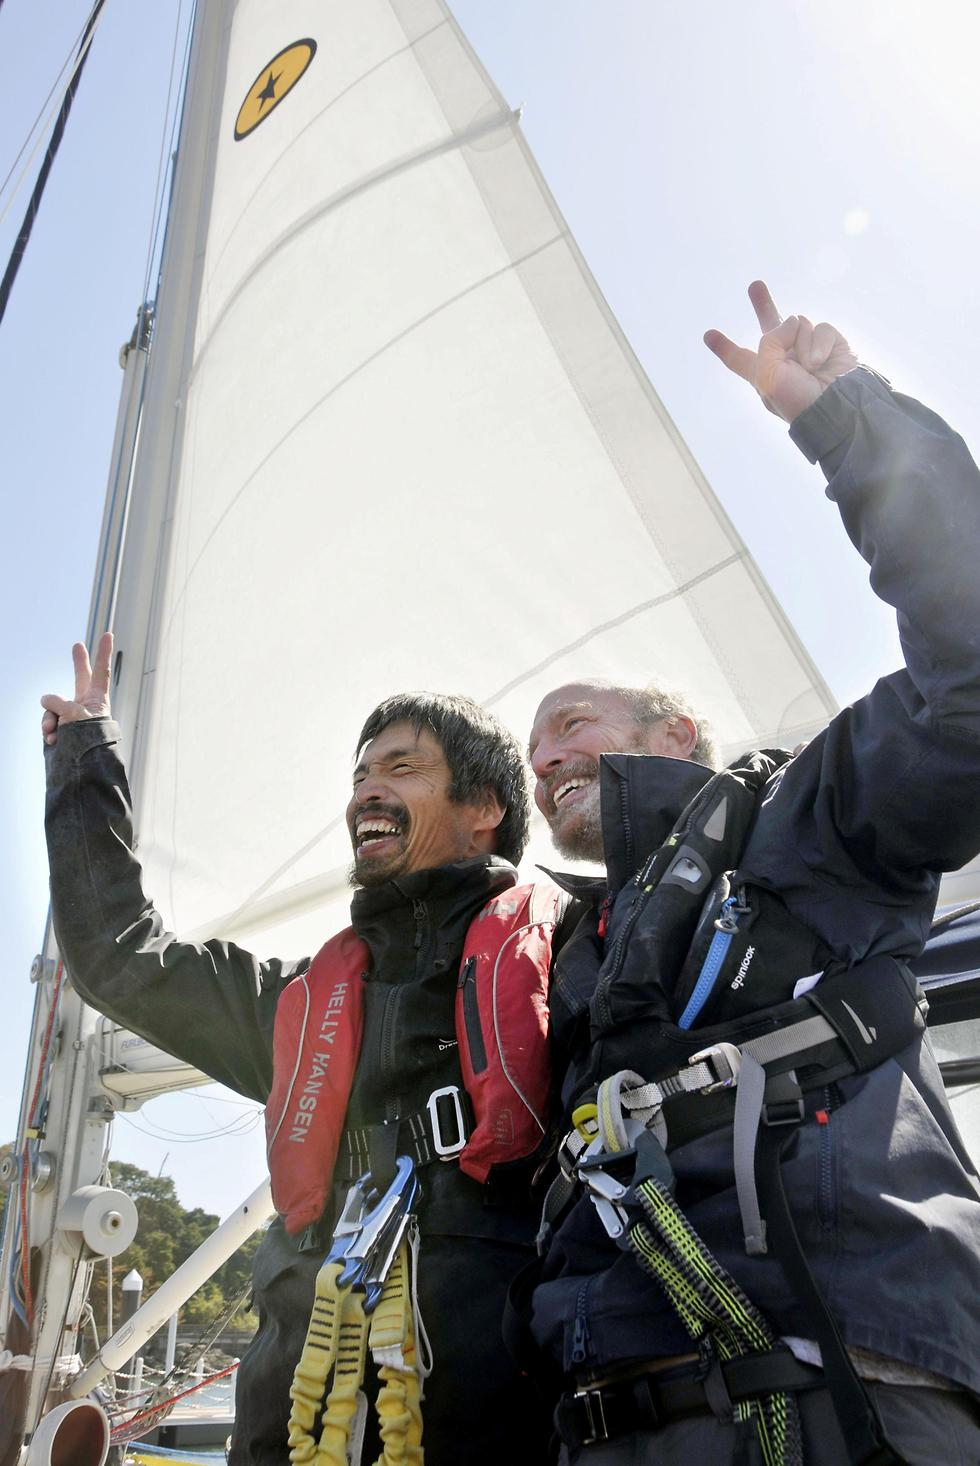 יפן יפני עיוור השלים הפלגה מסע ב אוקיינוס השקט (צילום: רויטרס)